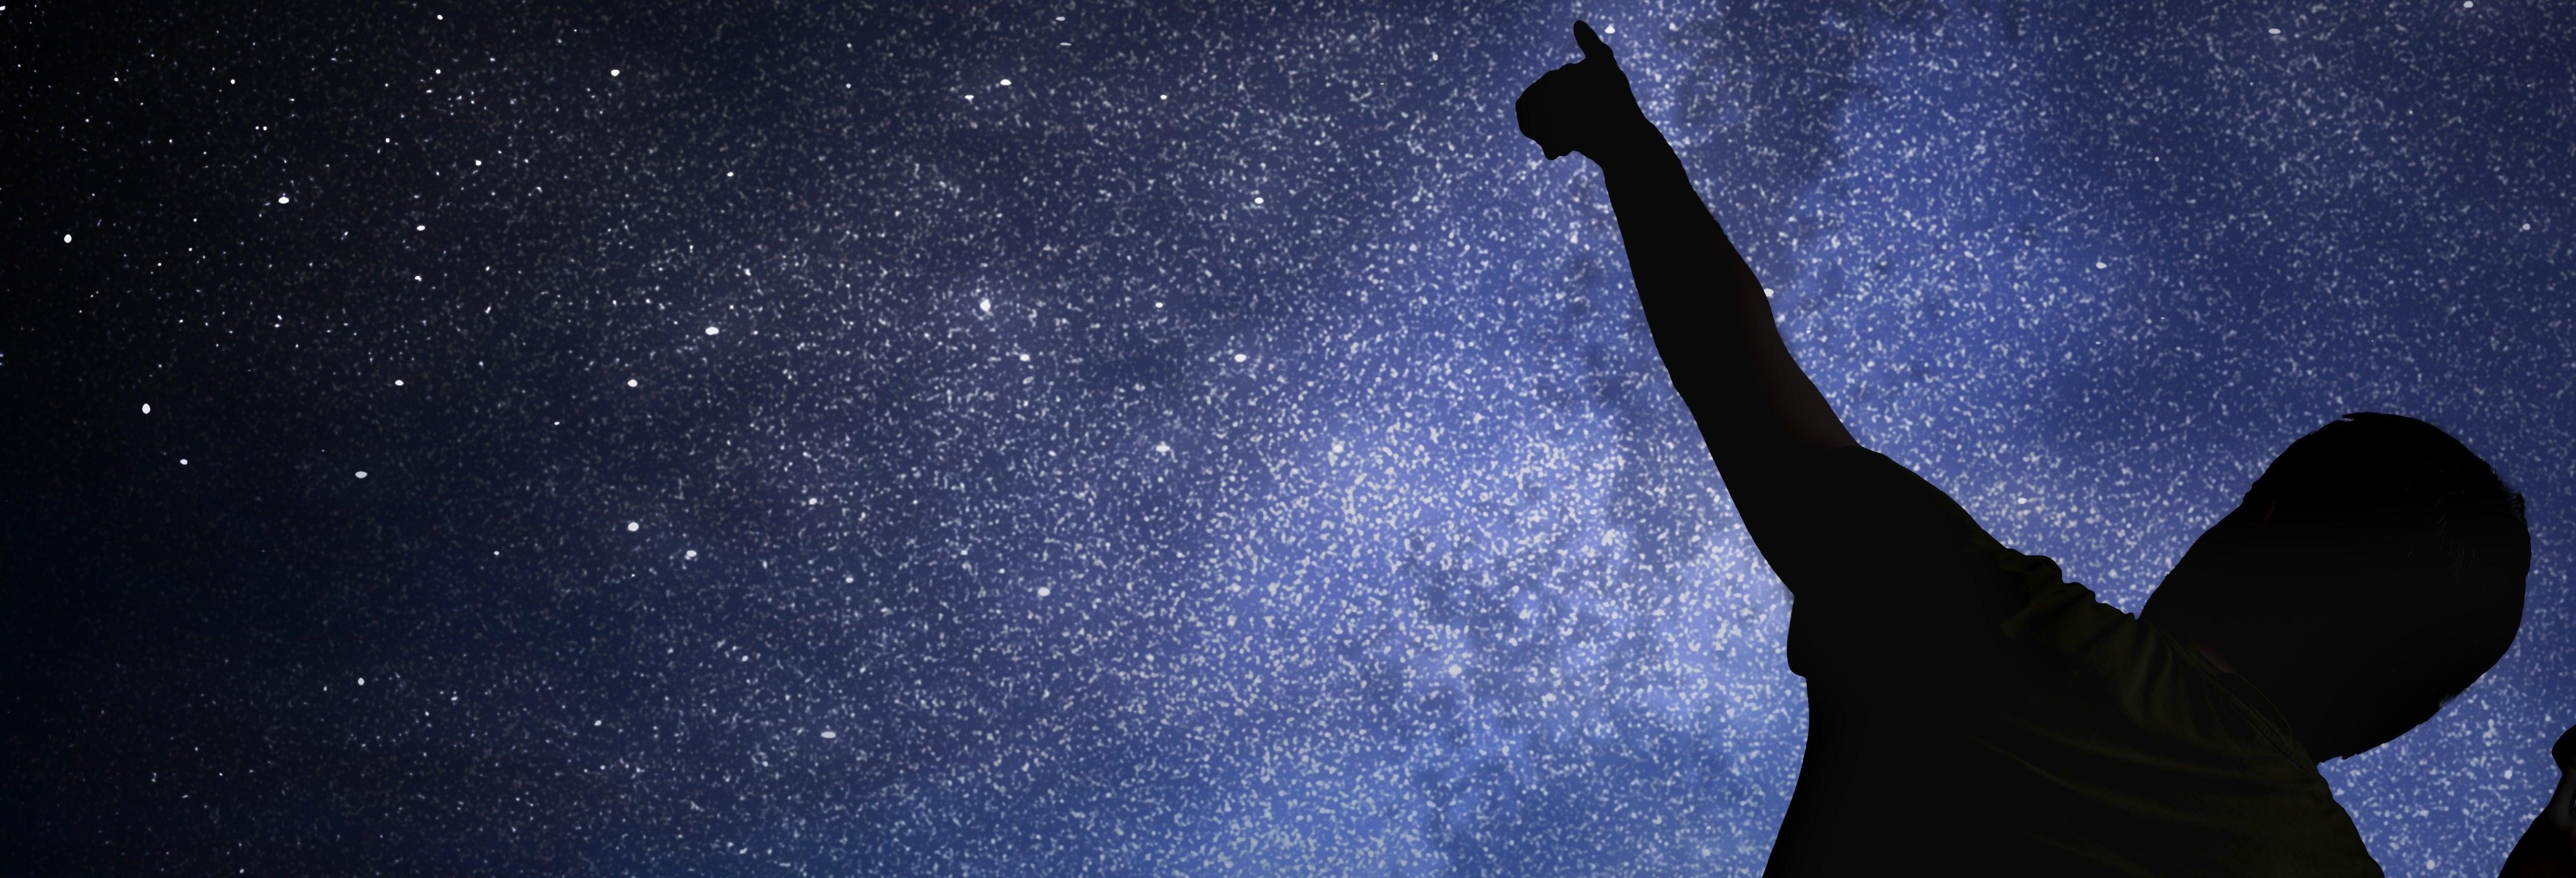 Observación de estrellas en Alájar